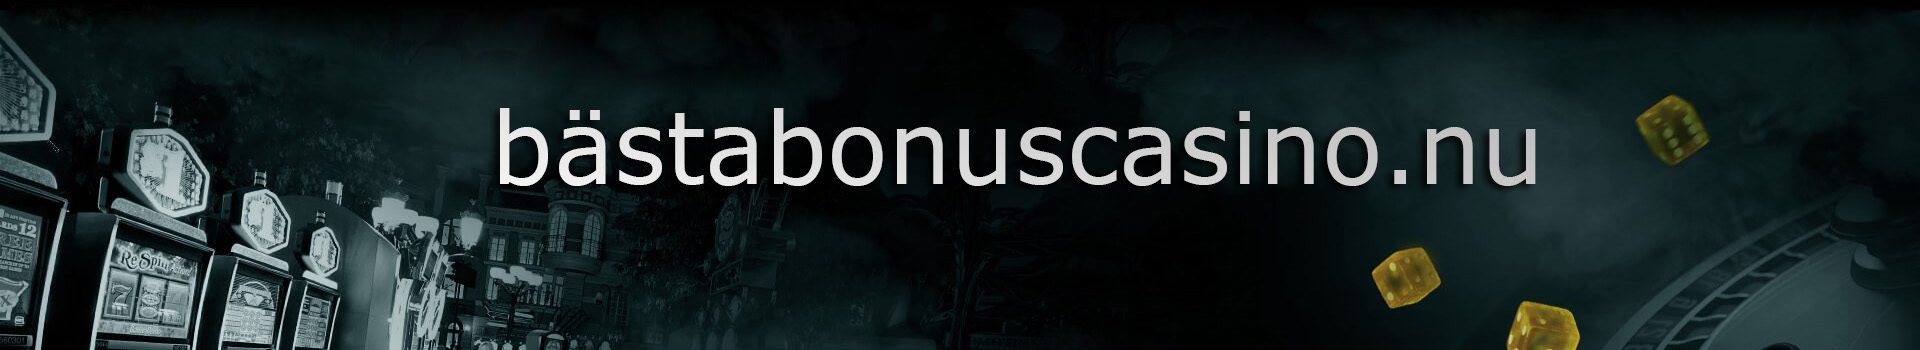 Bästa Bonus Casino